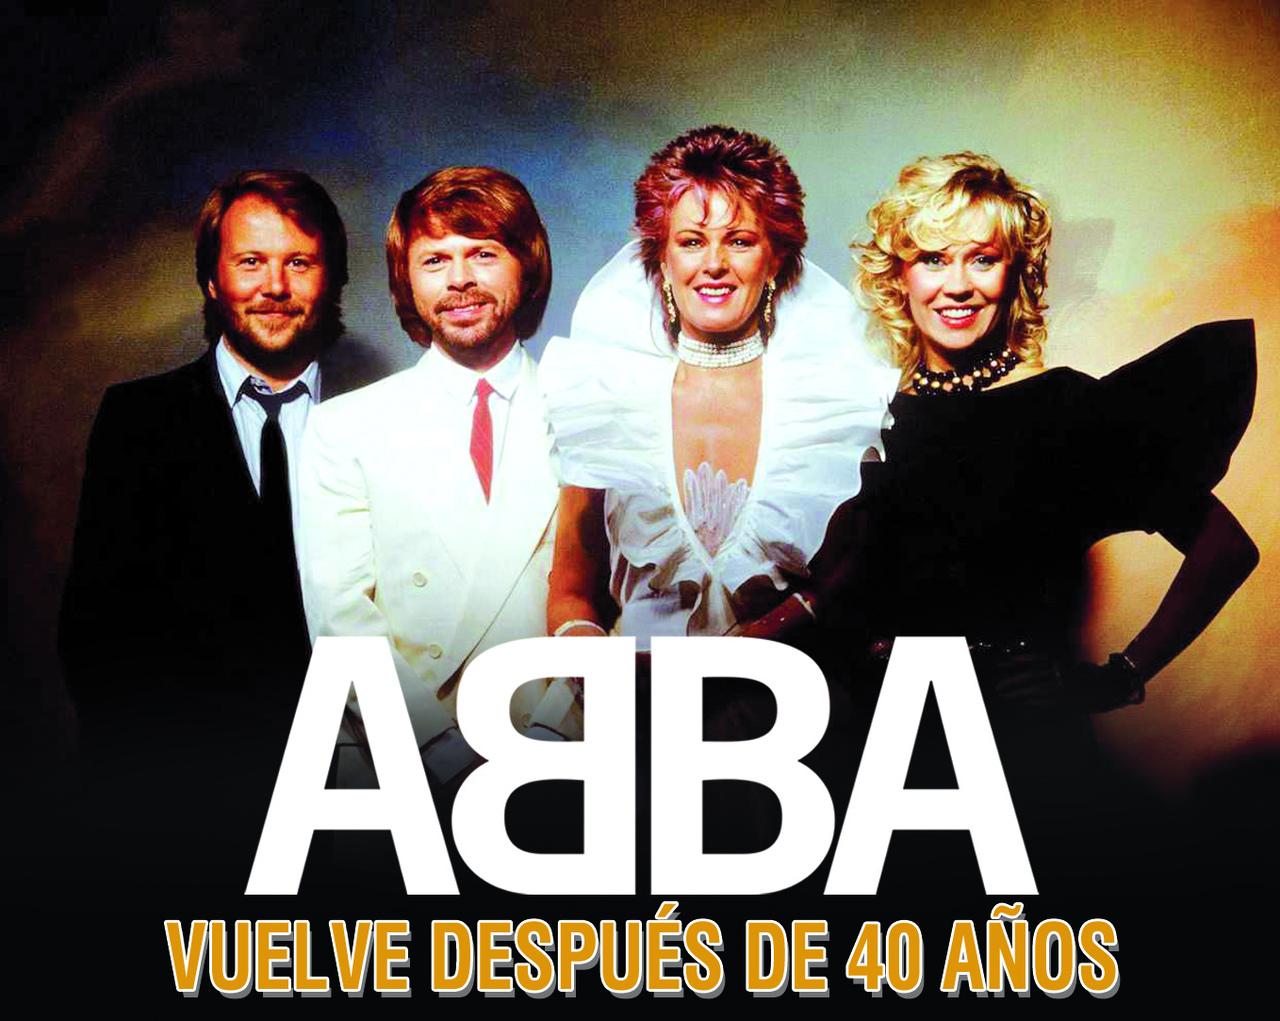 ABBA vuelve después de 40 años